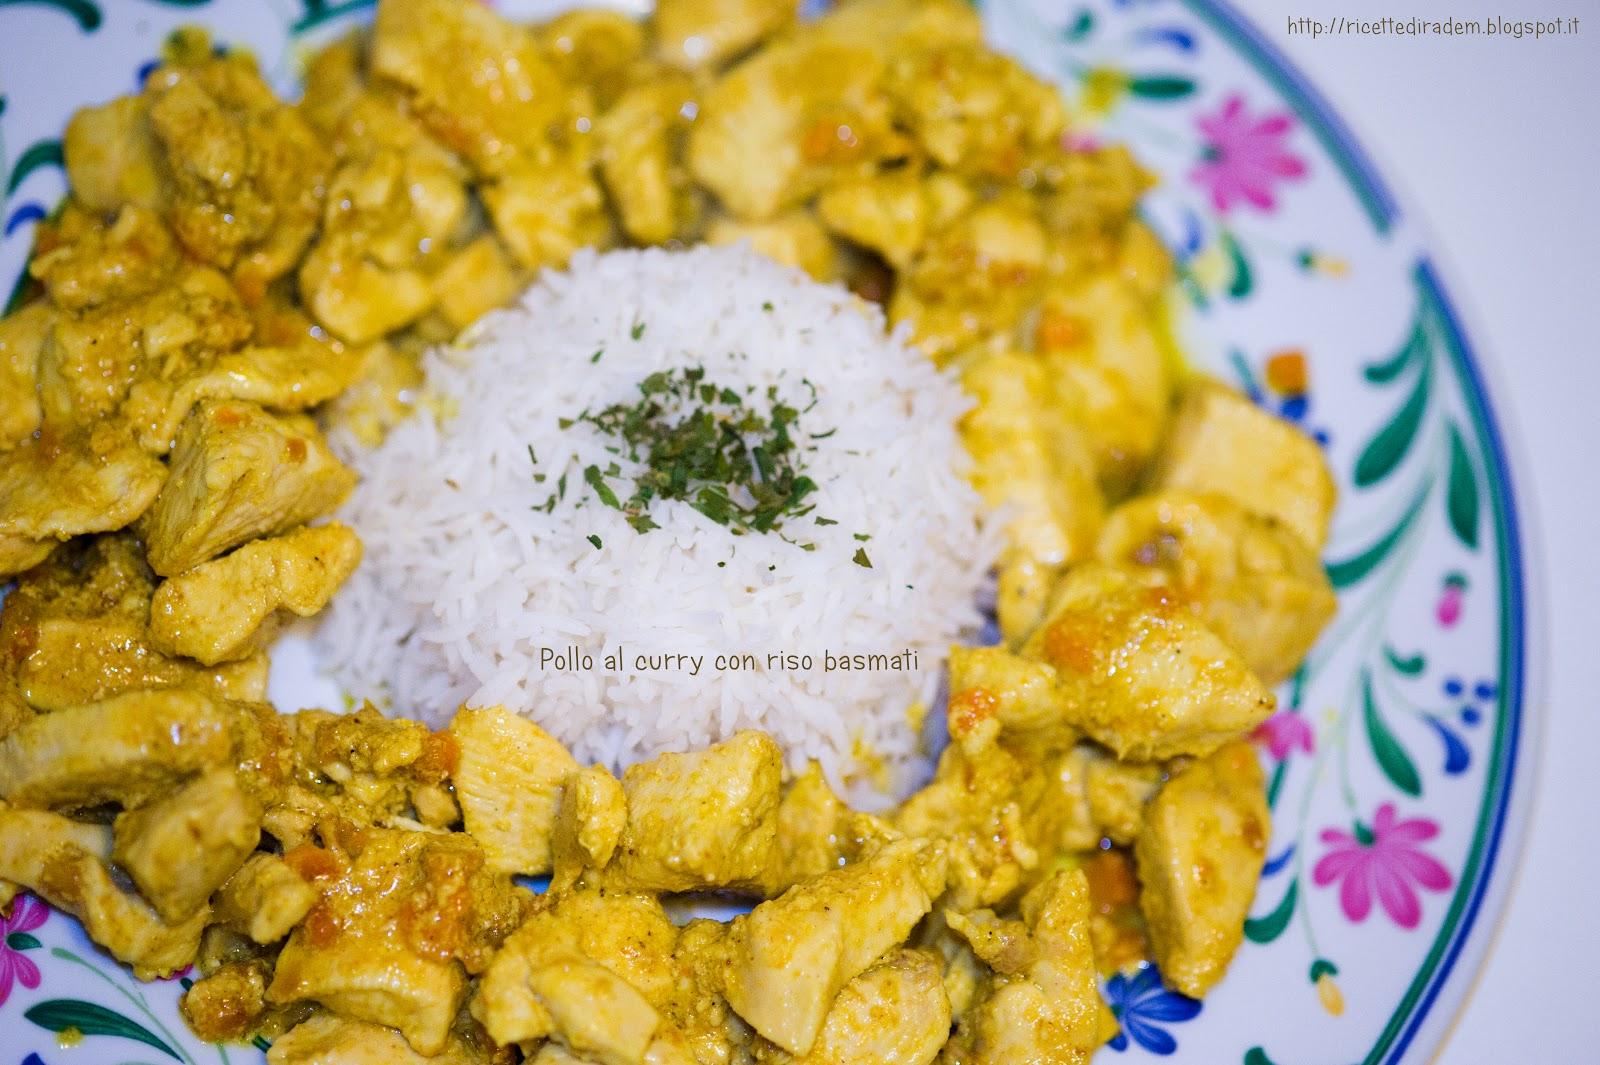 Ricetta pasta con pollo al curry